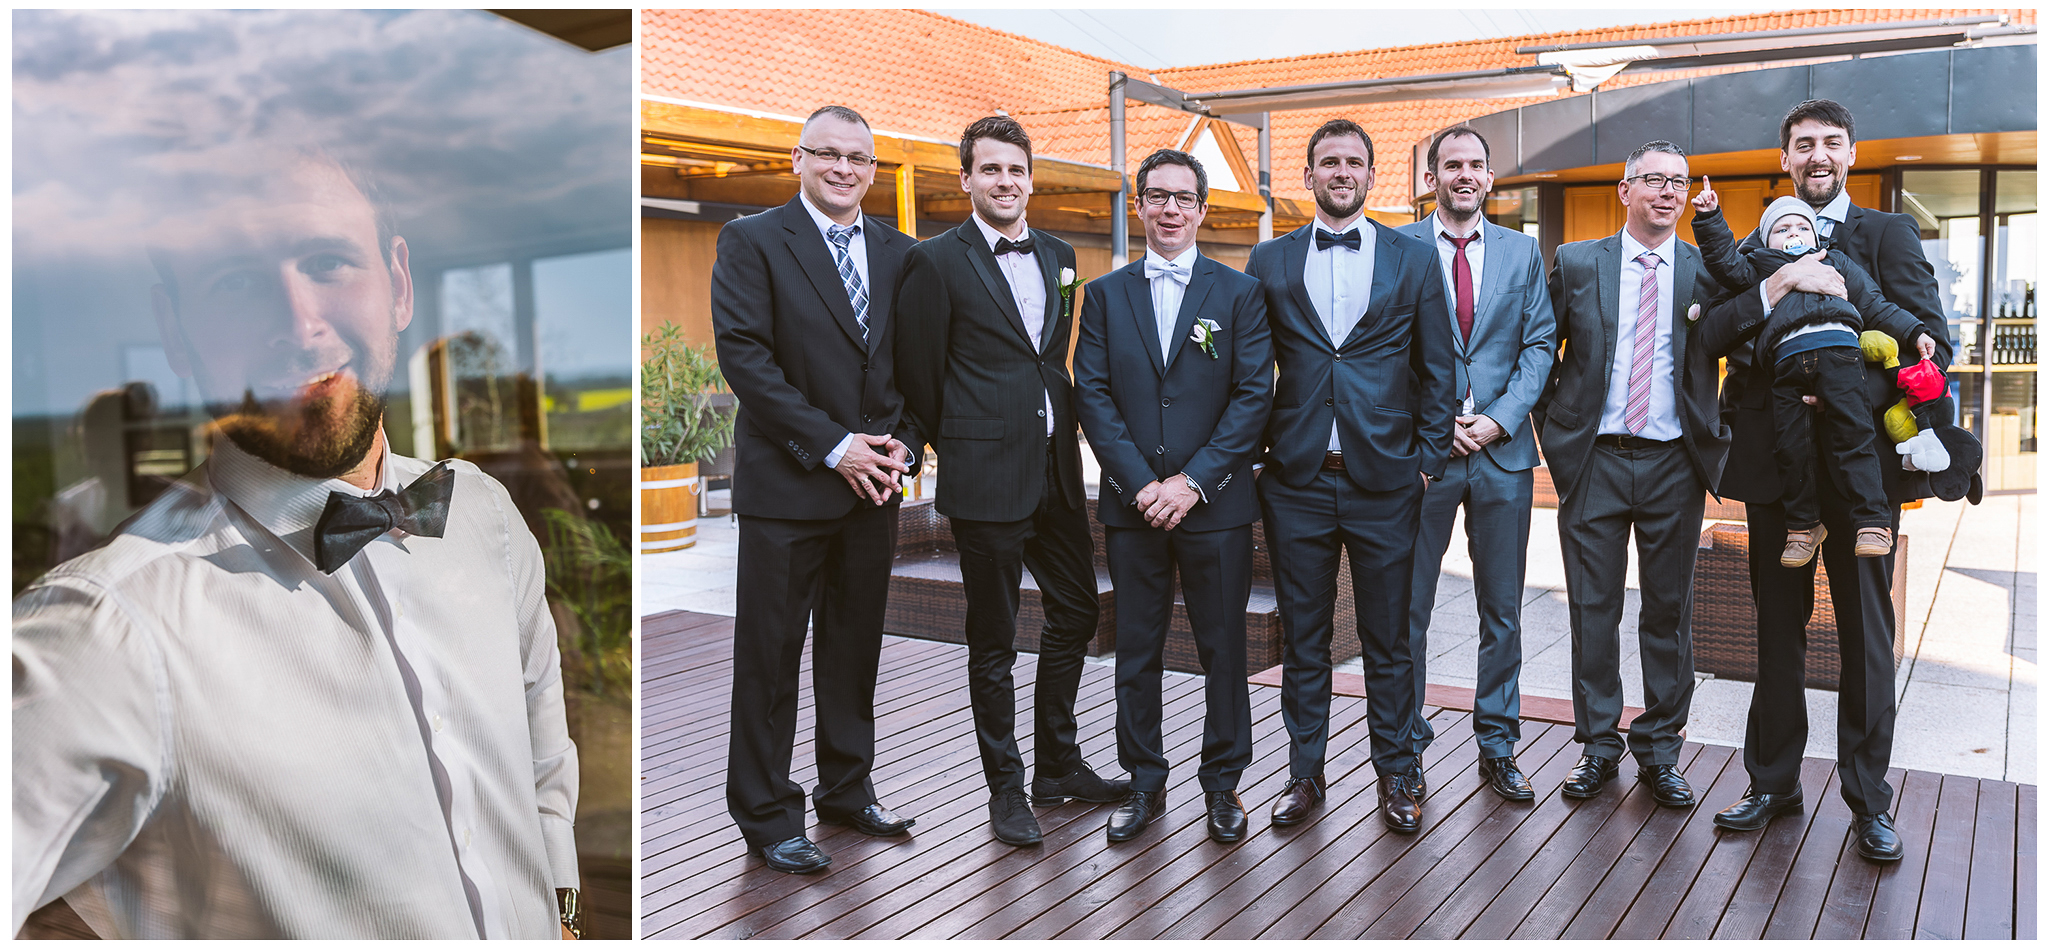 FylepPhoto, esküvőfotós, esküvői fotós Körmend, Szombathely, esküvőfotózás, magyarország, vas megye, prémium, jegyesfotózás, Fülöp Péter, körmend, kreatív, fotográfus_37.jpg